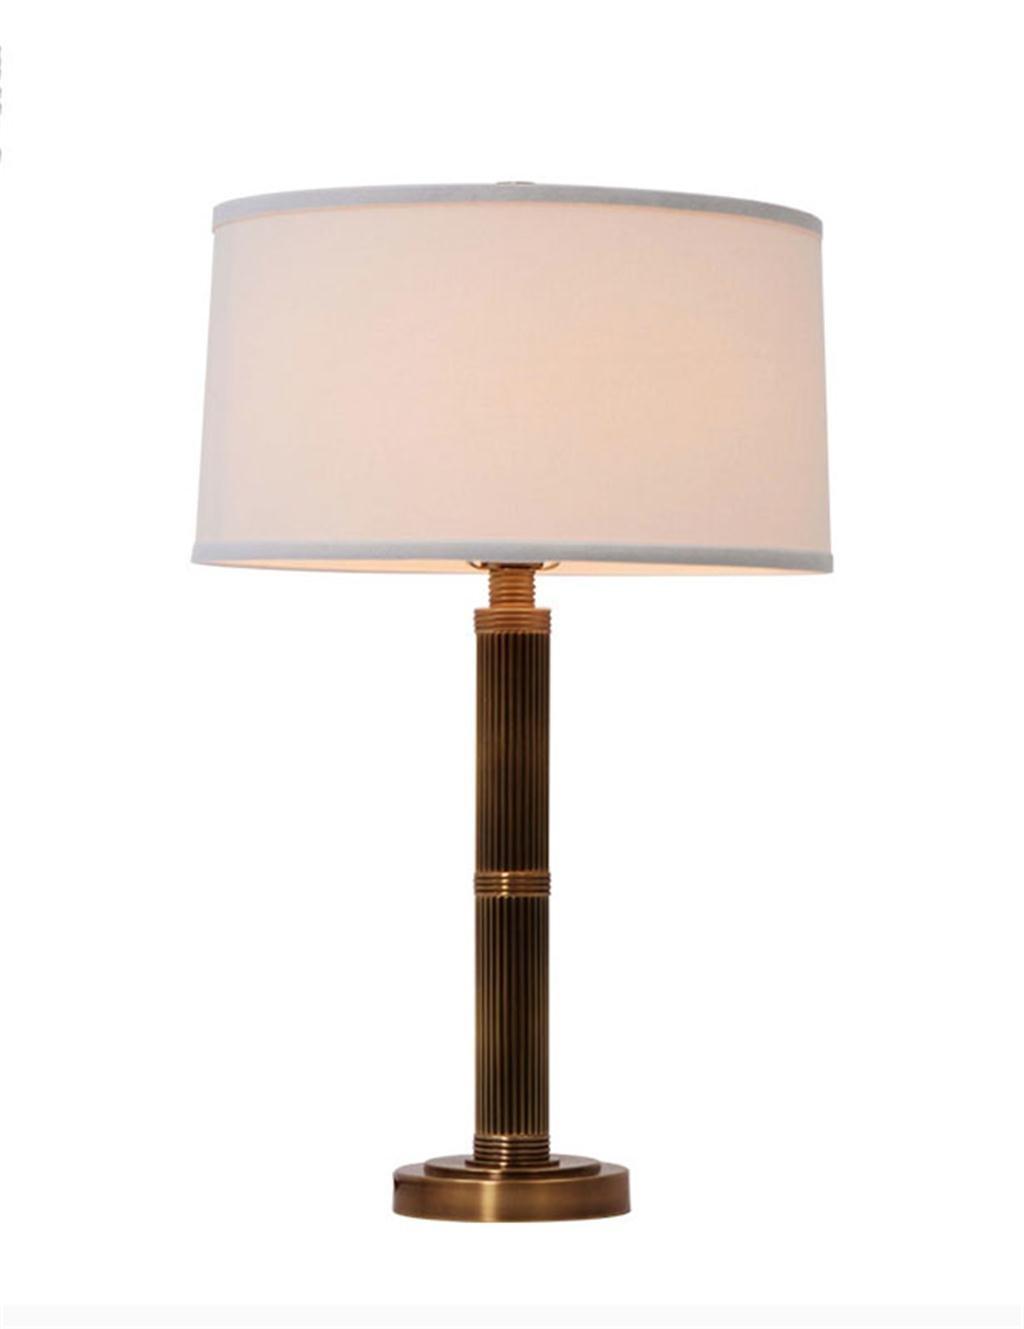 Tischleuchte Europäische Retro Kupfer Lampe Wohnzimmer Schlafzimmer Arbeitszimmer Schreibtischlampe Stoff Lampshade Nachttischlampen